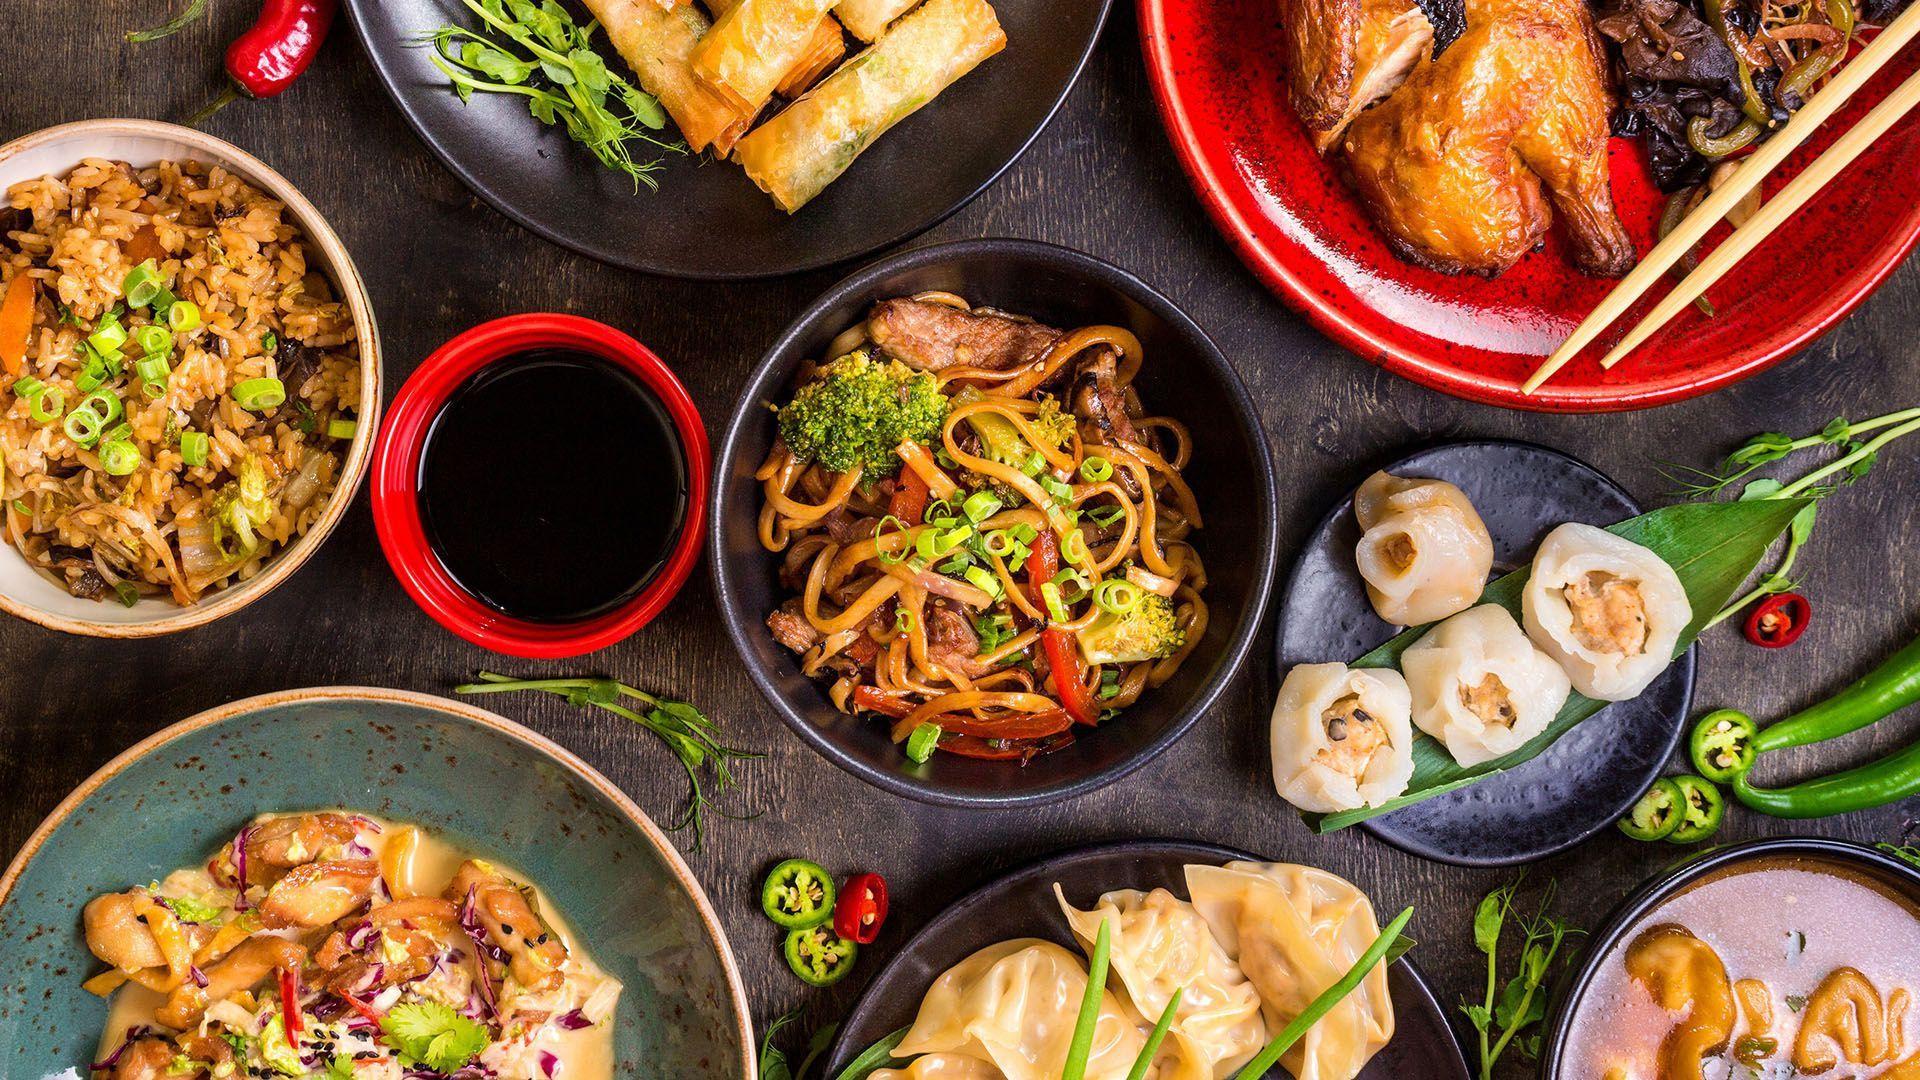 Piatti tipici del capodanno cinese storia e simboli for Piatti tipici cinesi